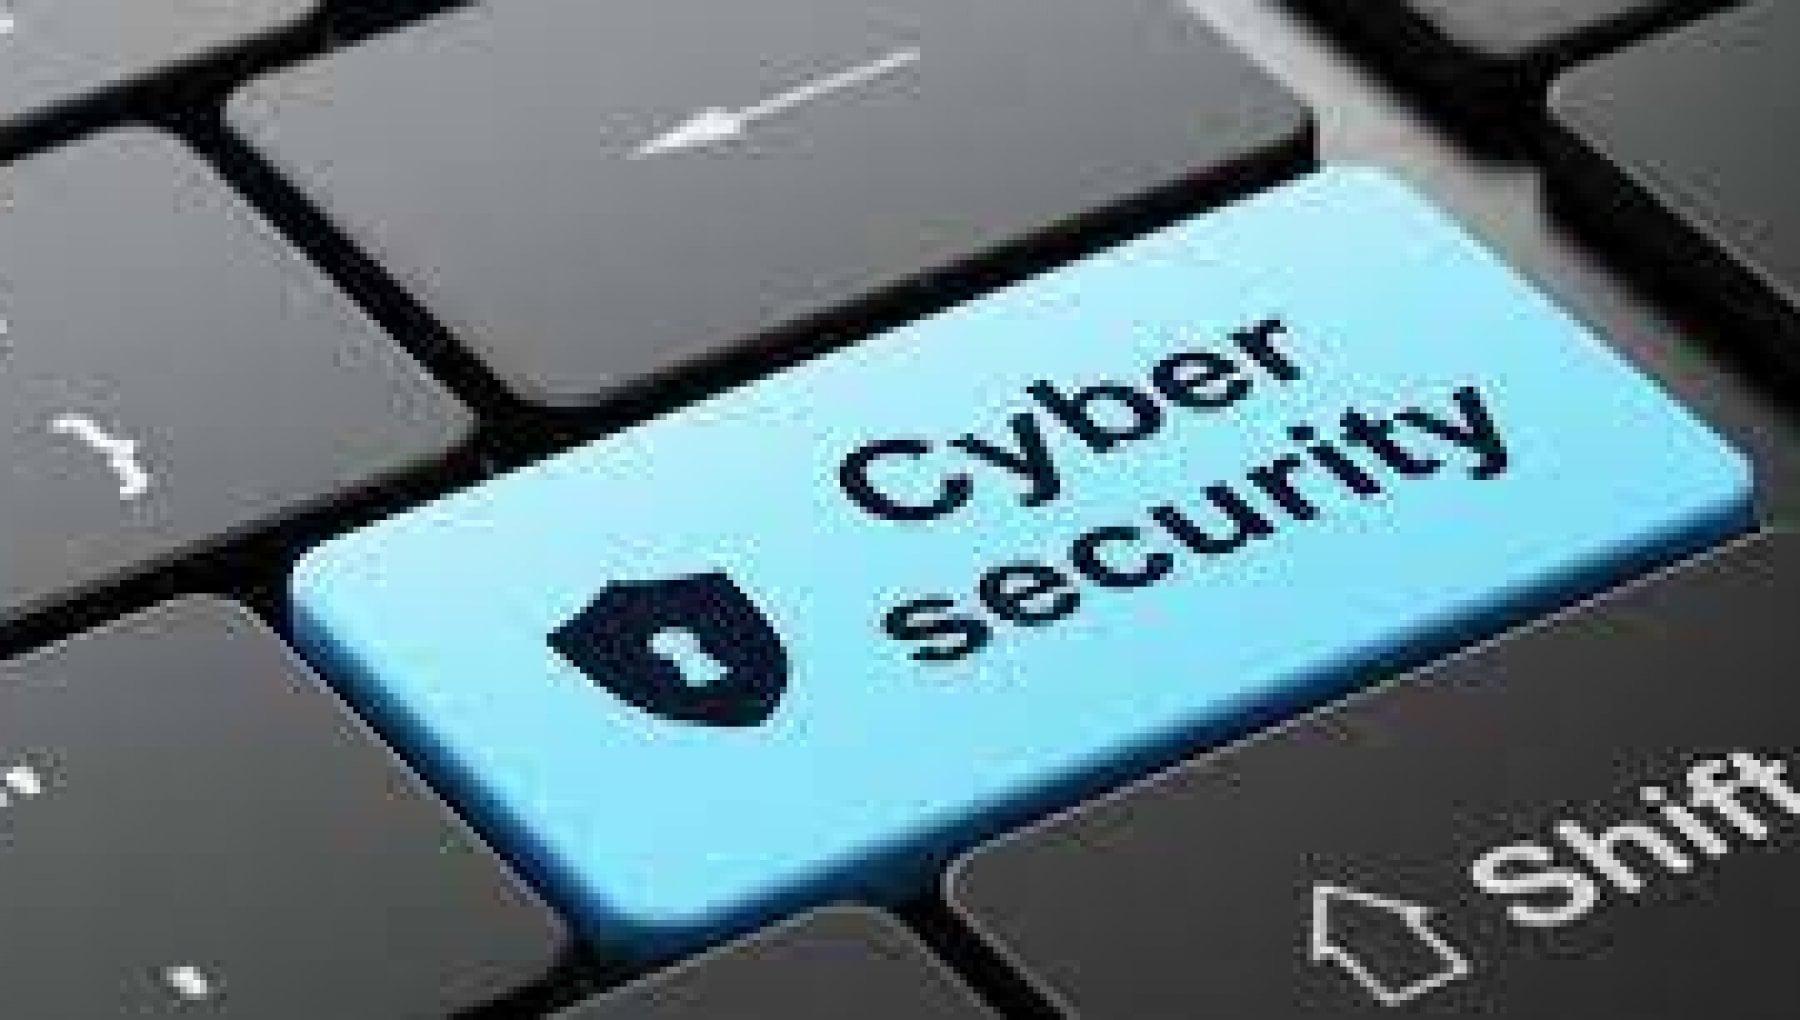 223542773 8873c3fb d054 47ed 8fab 1108b01697ed - Governo al contrattacco: venerdì via all'Agenzia per la cybersicurezza